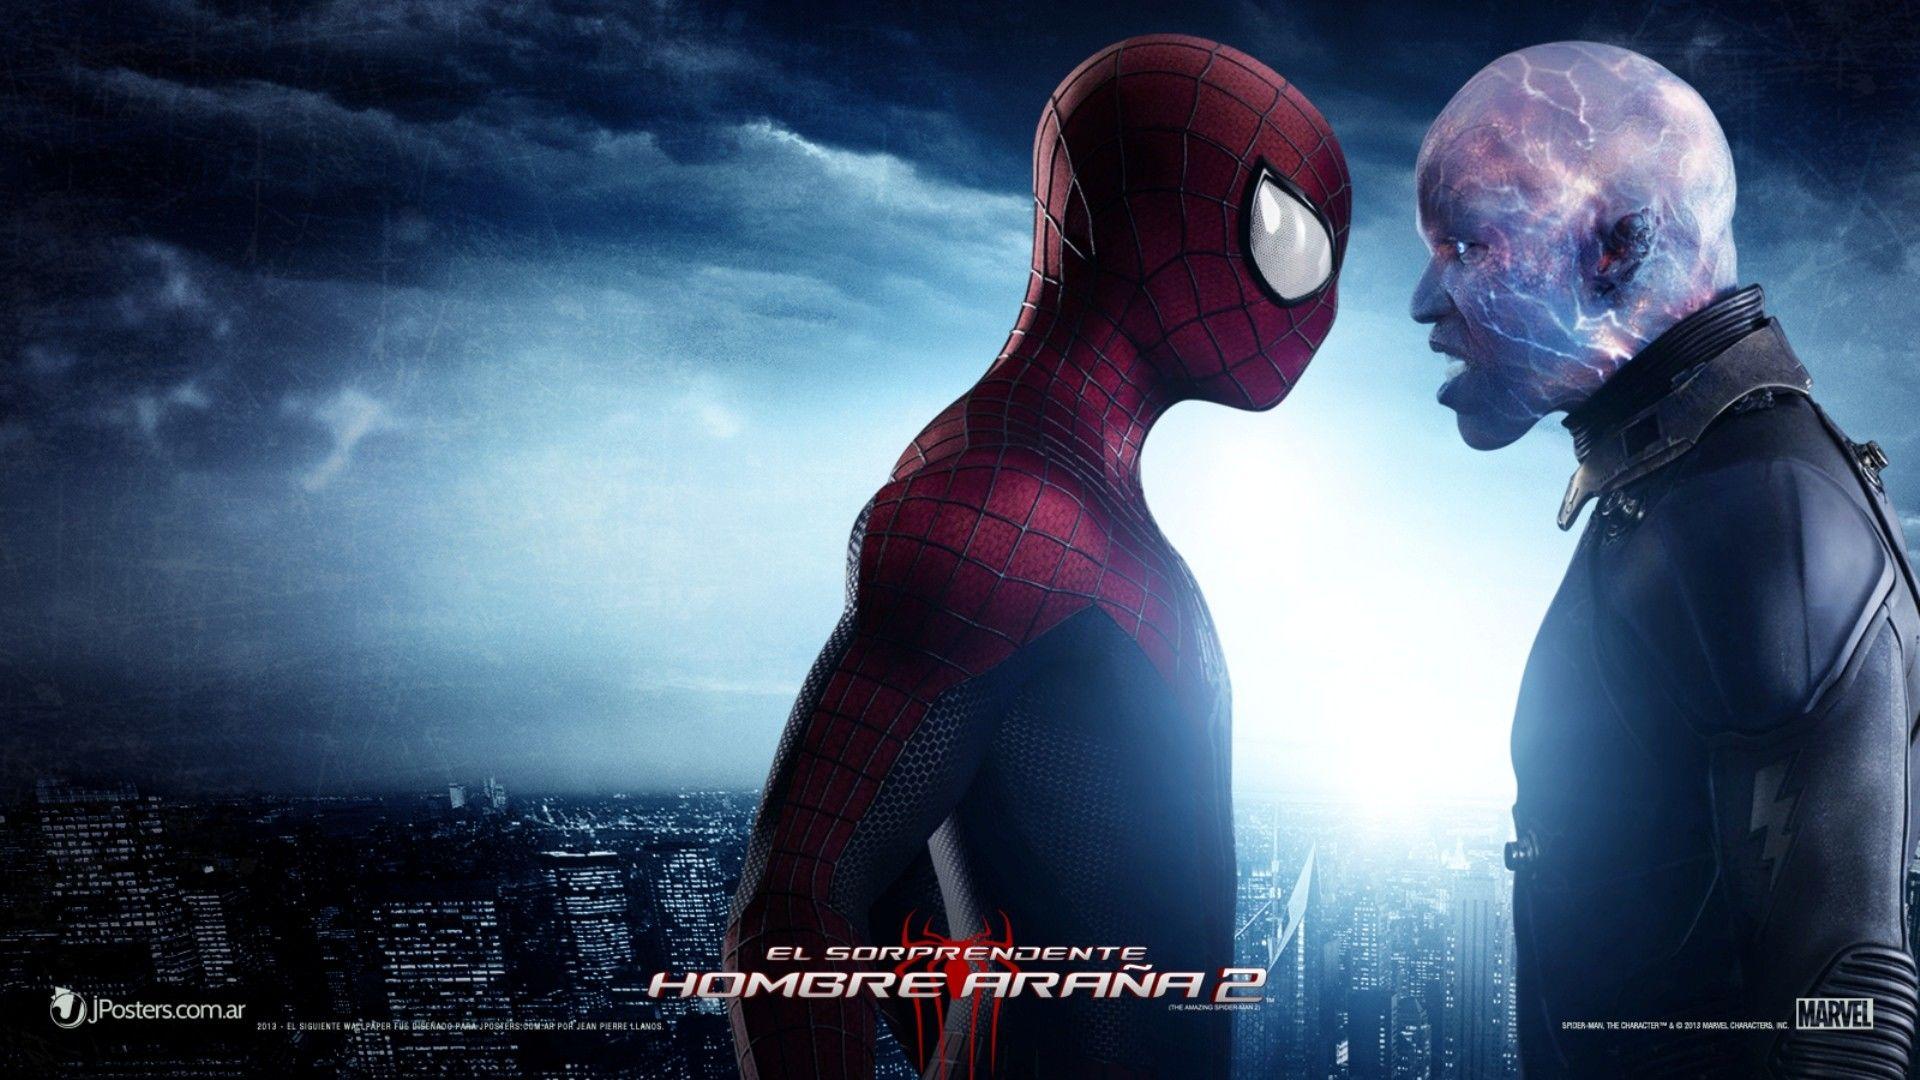 Посмотреть новый человек паук высокое напряжение 12 фотография